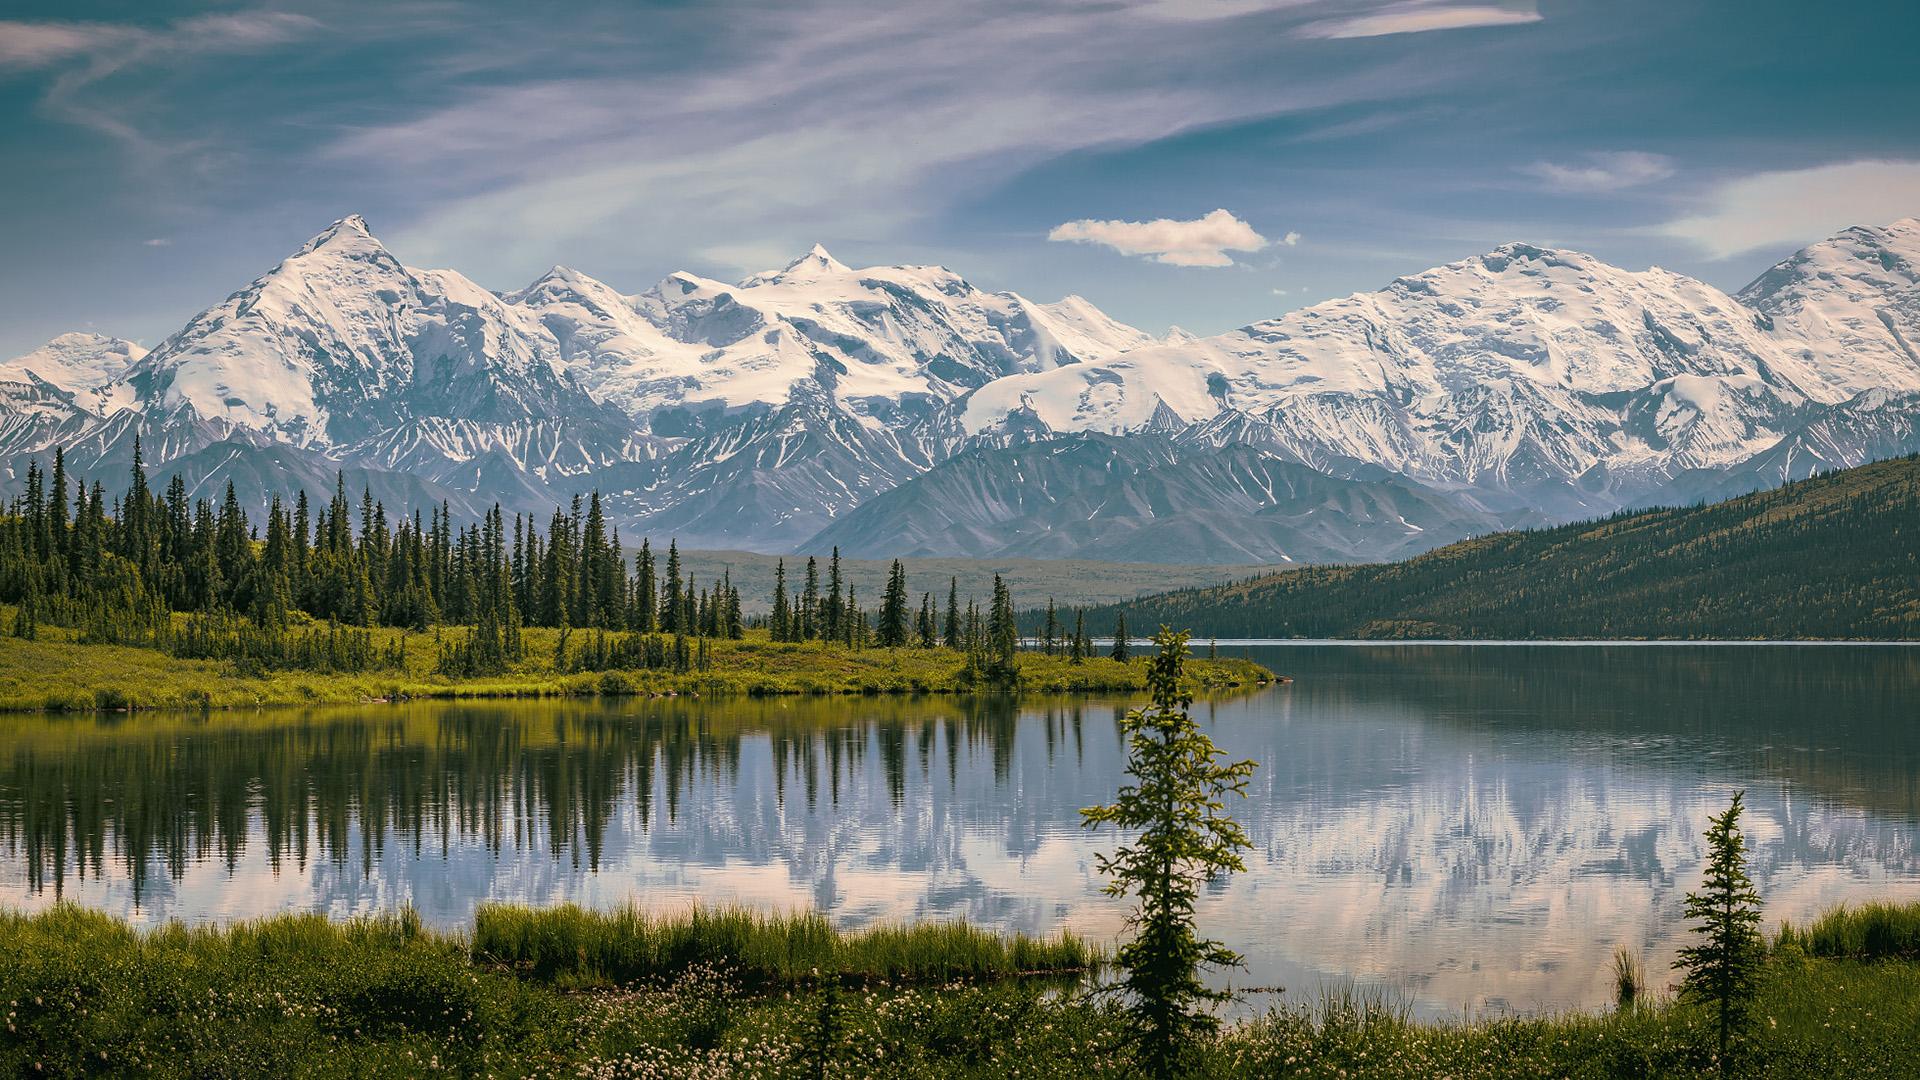 风景大片,冰天雪地,雪山,倒影,冰湖,树林